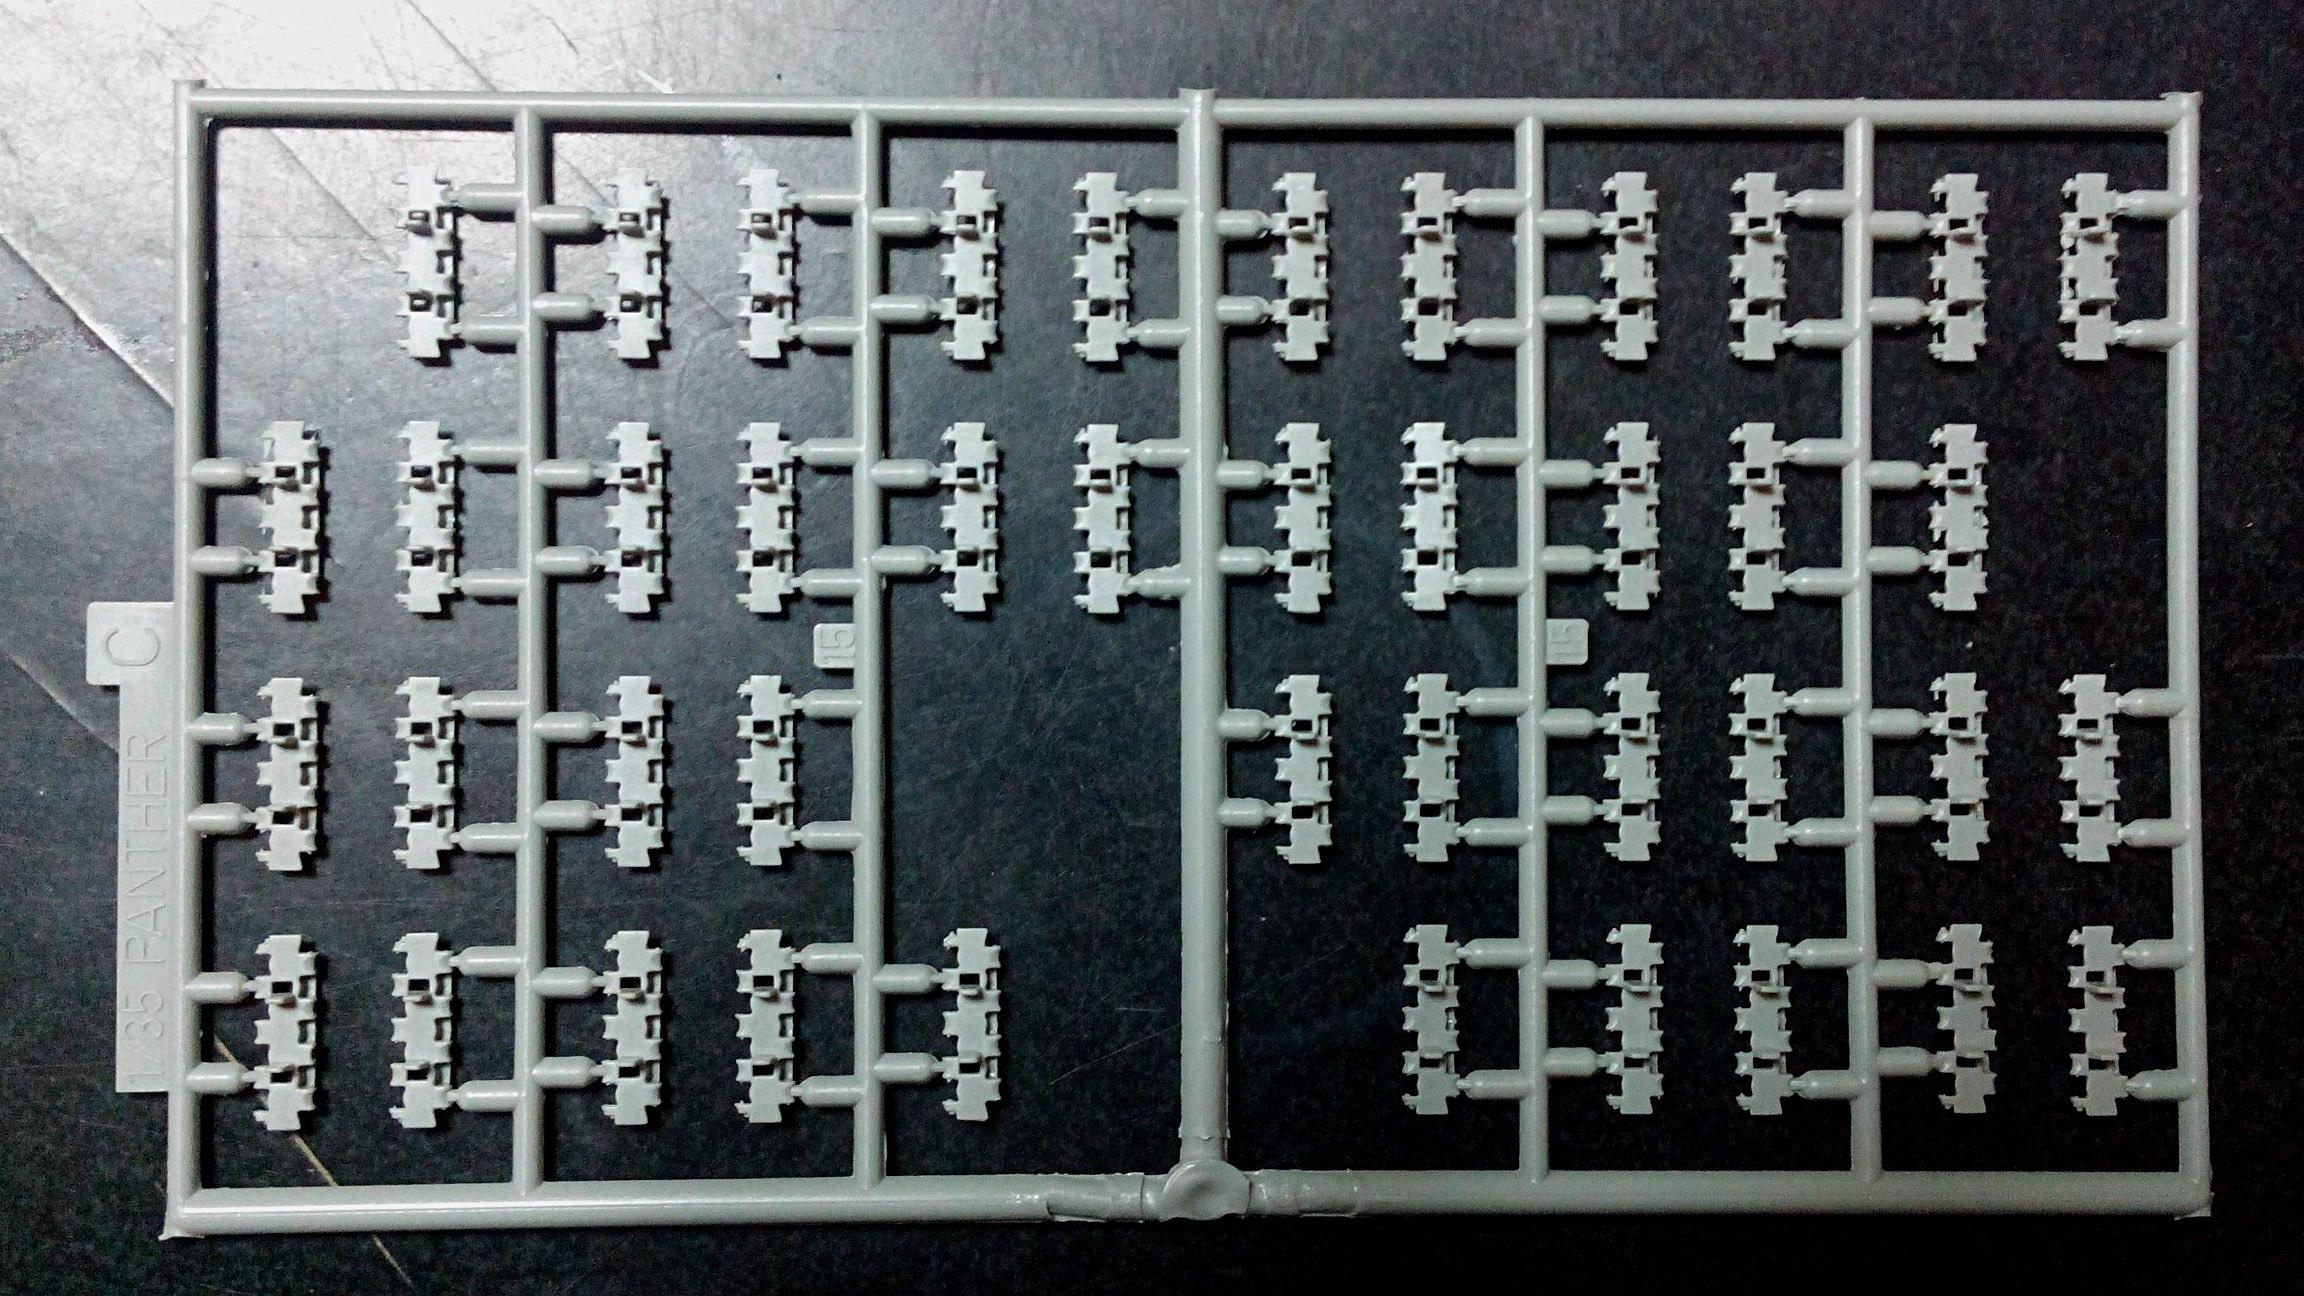 Продам траки Panther (поздние модификации, A,F,G) от Dragon Z_MZc4Det7k